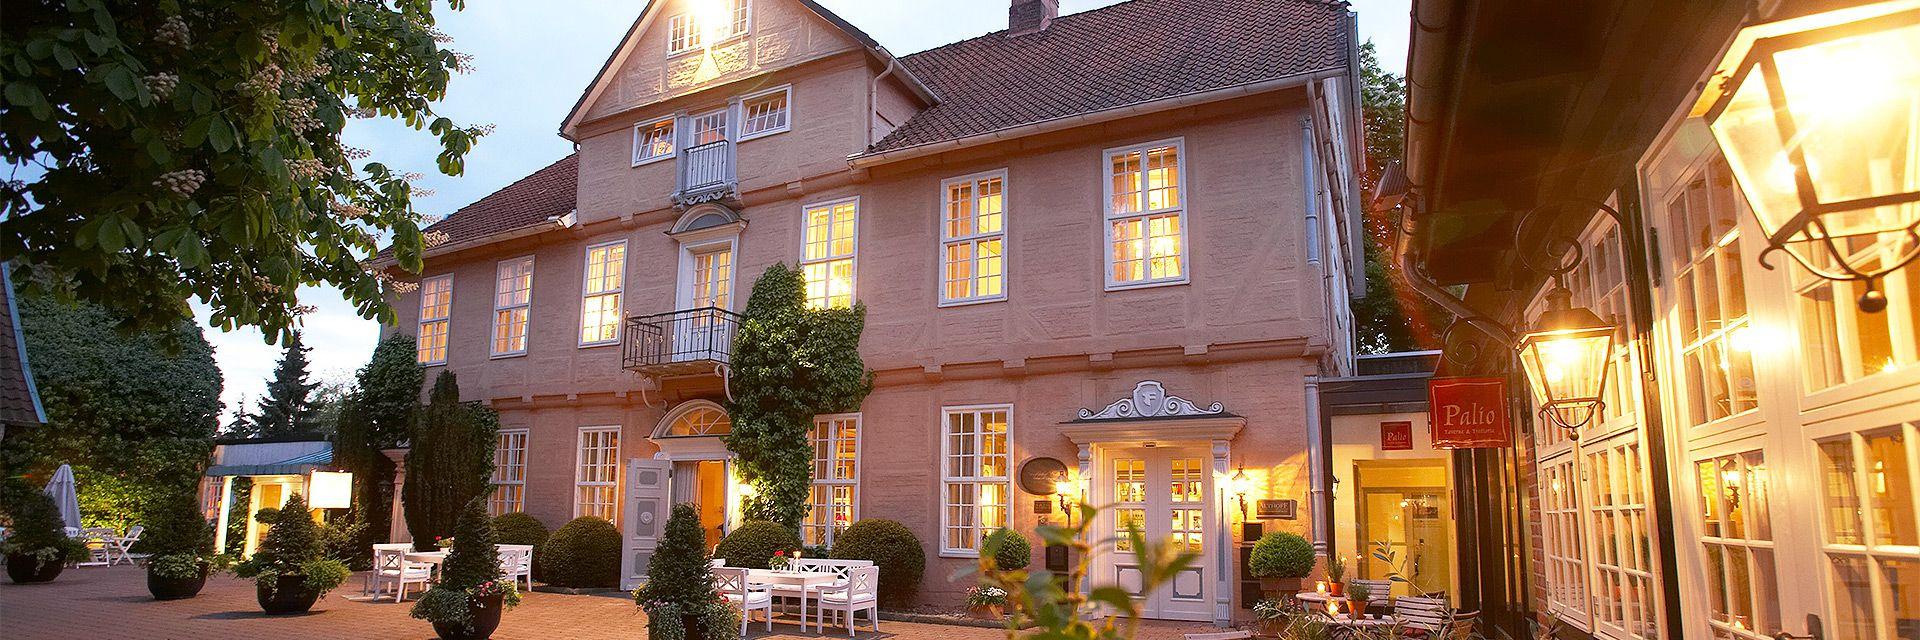 althoff hotel fuerstenhof